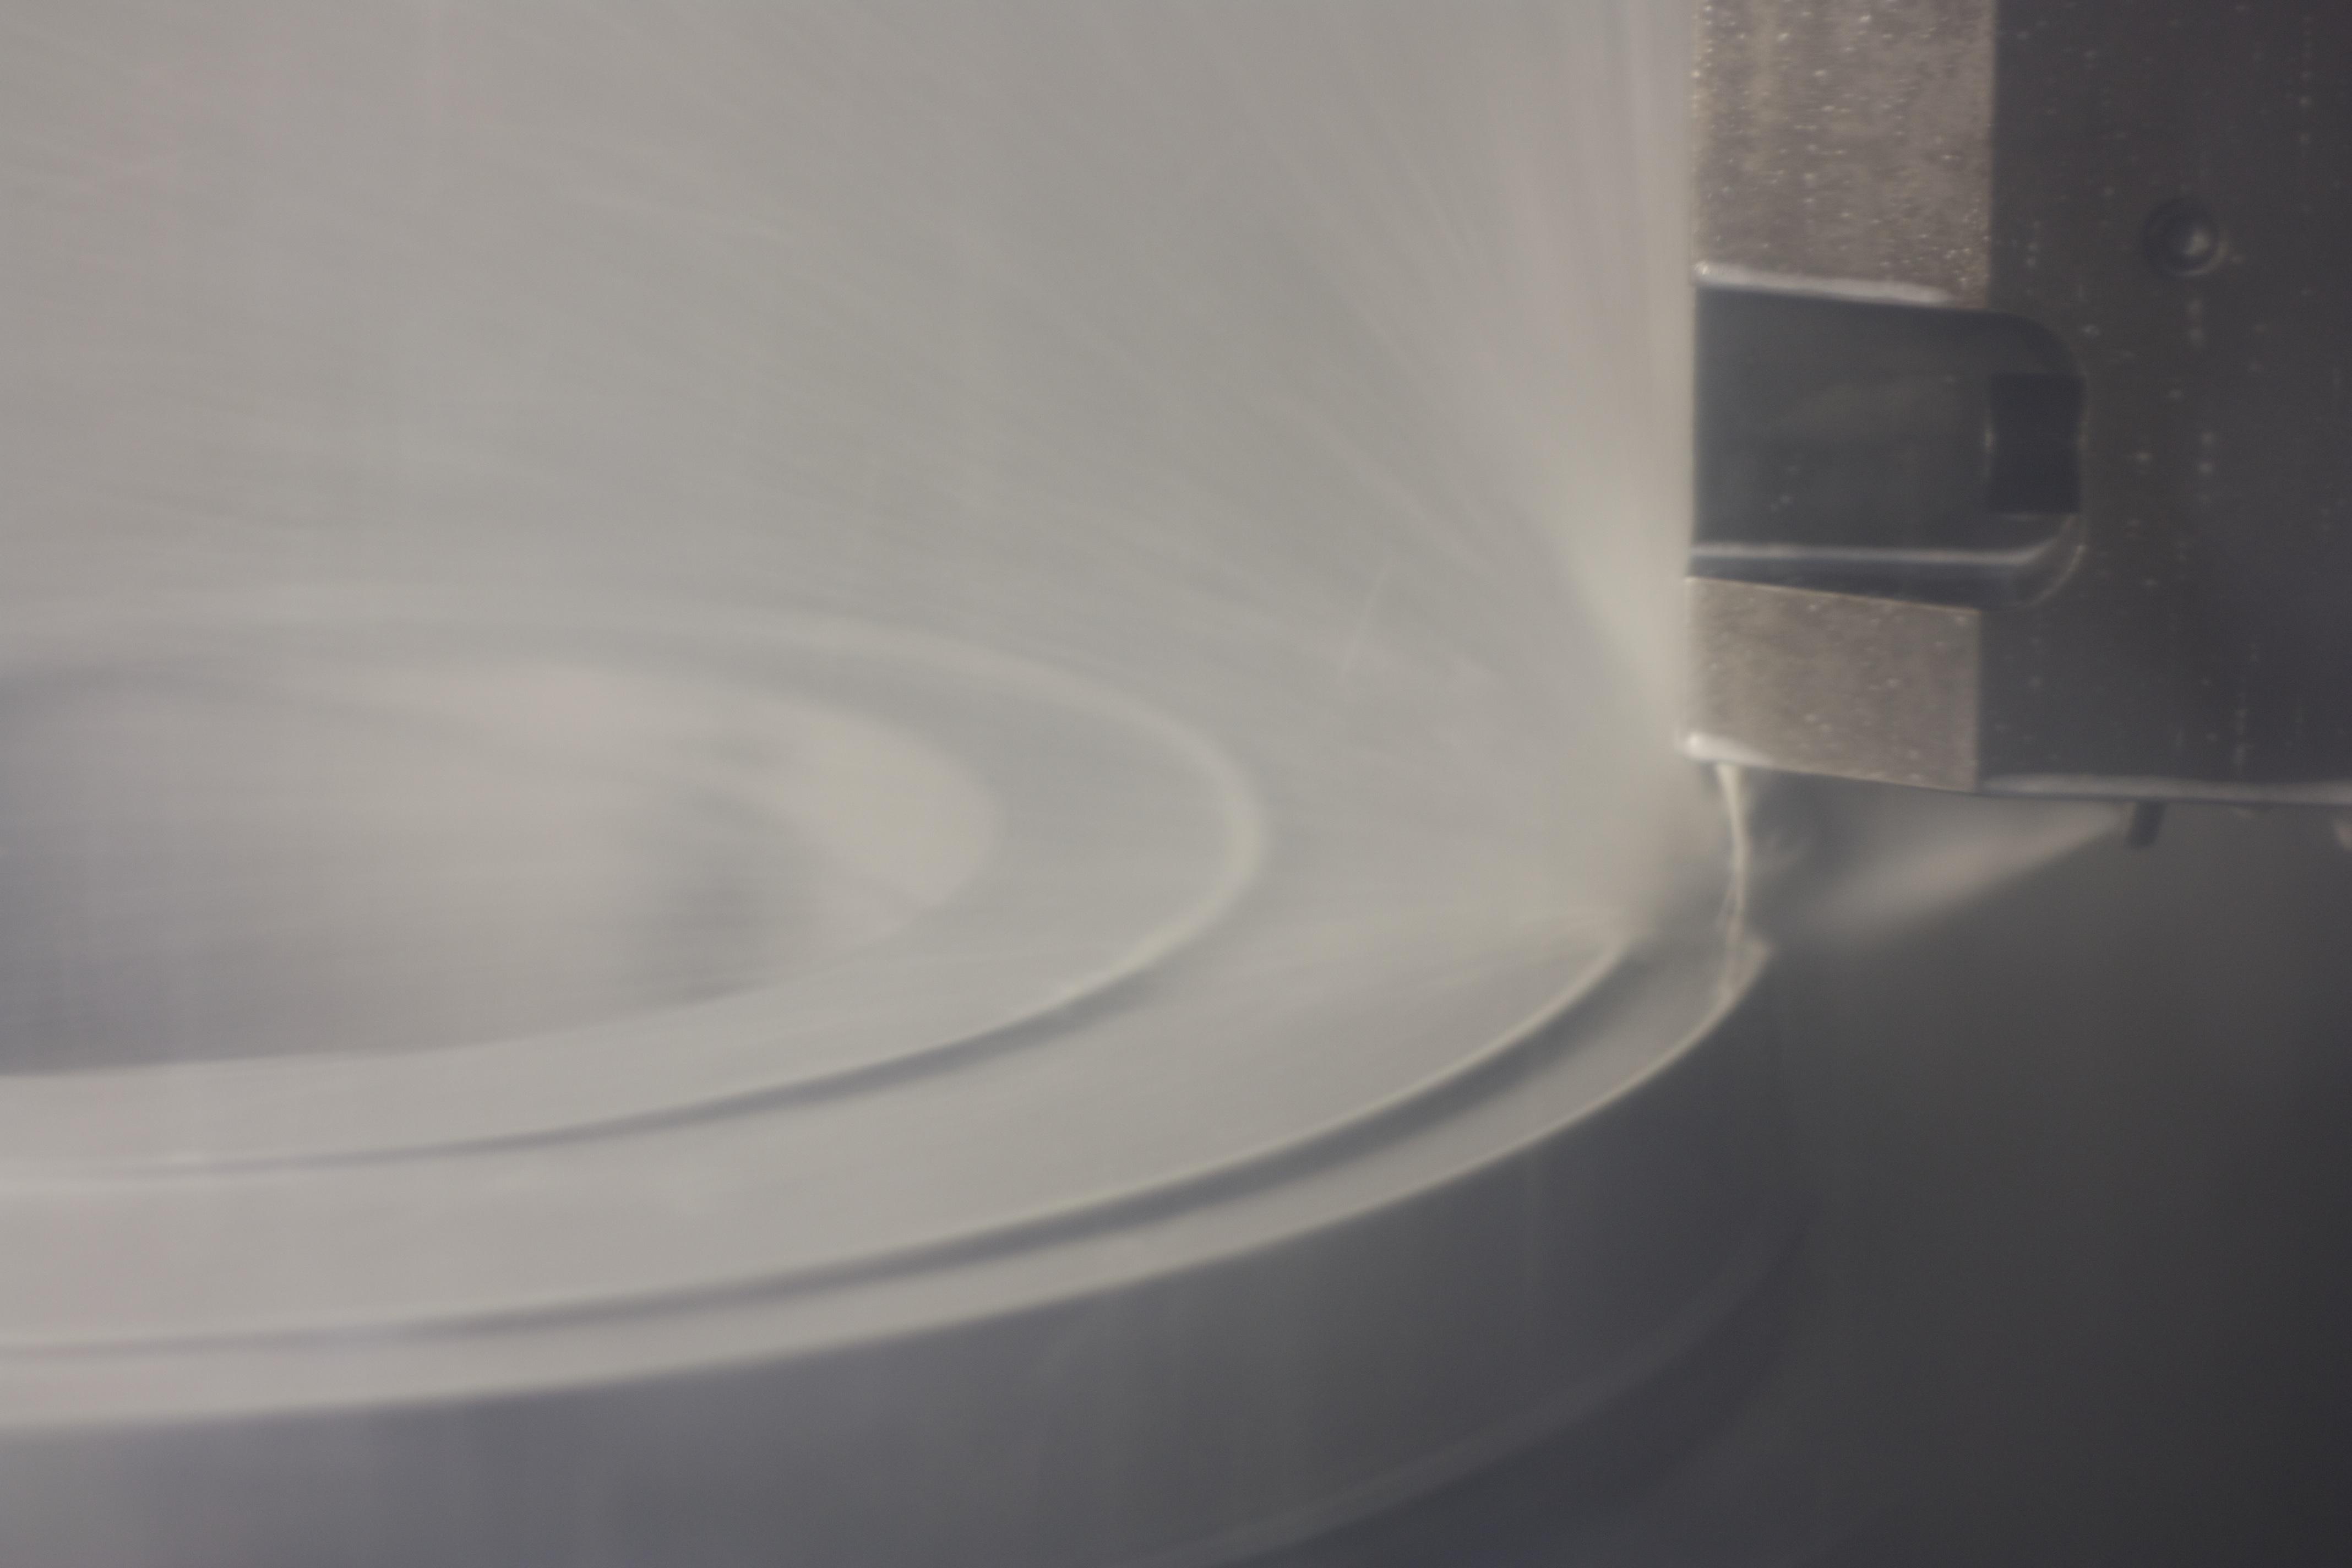 Wij zoeken gemotiveerde CNC operatoren M/V